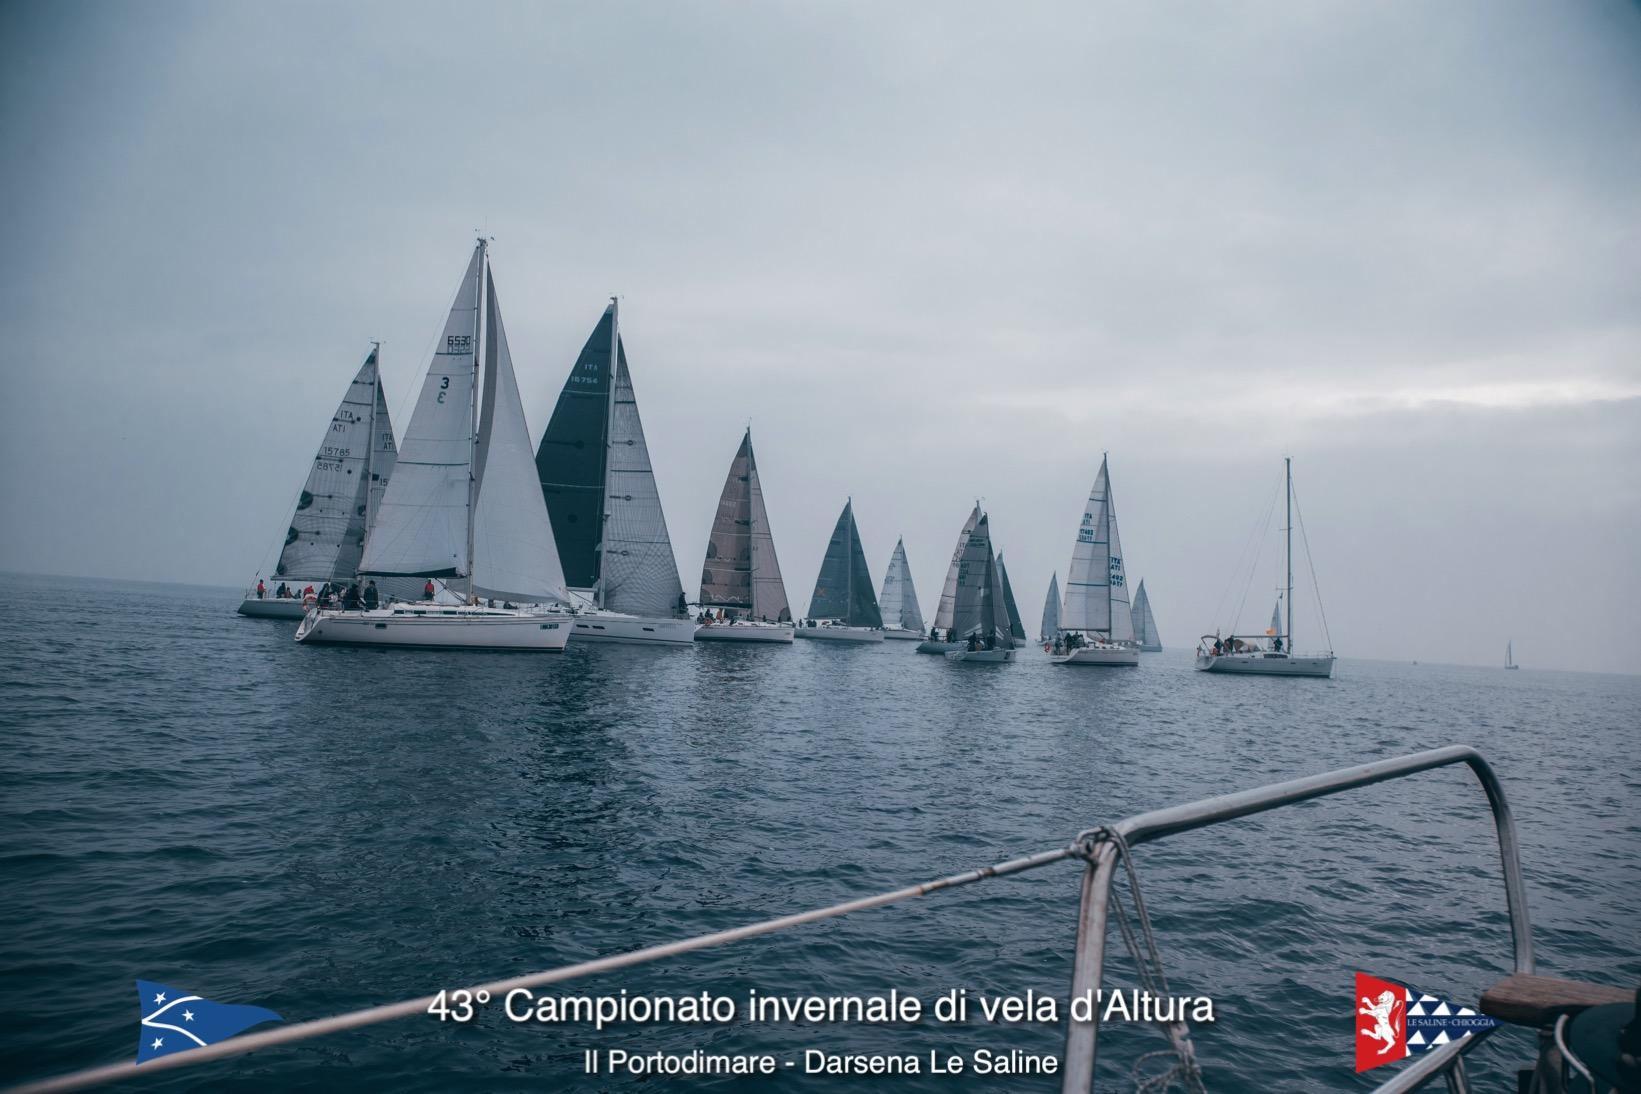 A Demon X il 43° Campionato Invernale di vela d'altura